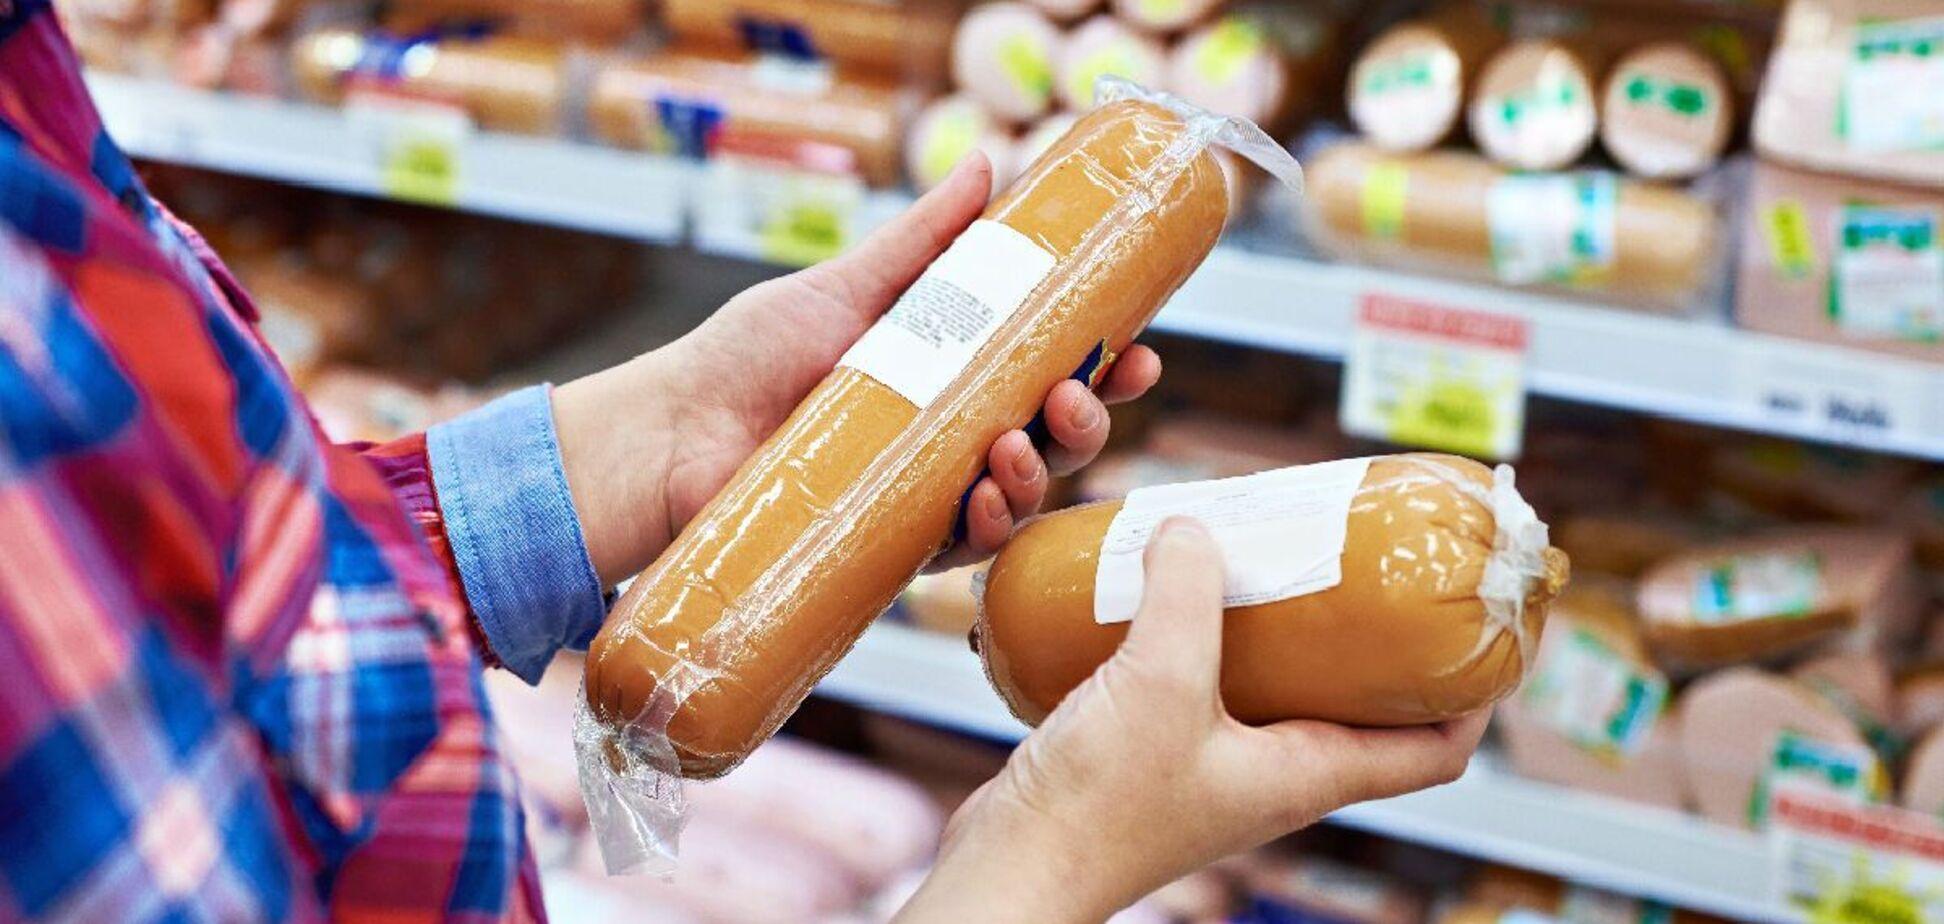 Эксперты рассказали, можно ли дома приготовить колбасу 'как из магазина'